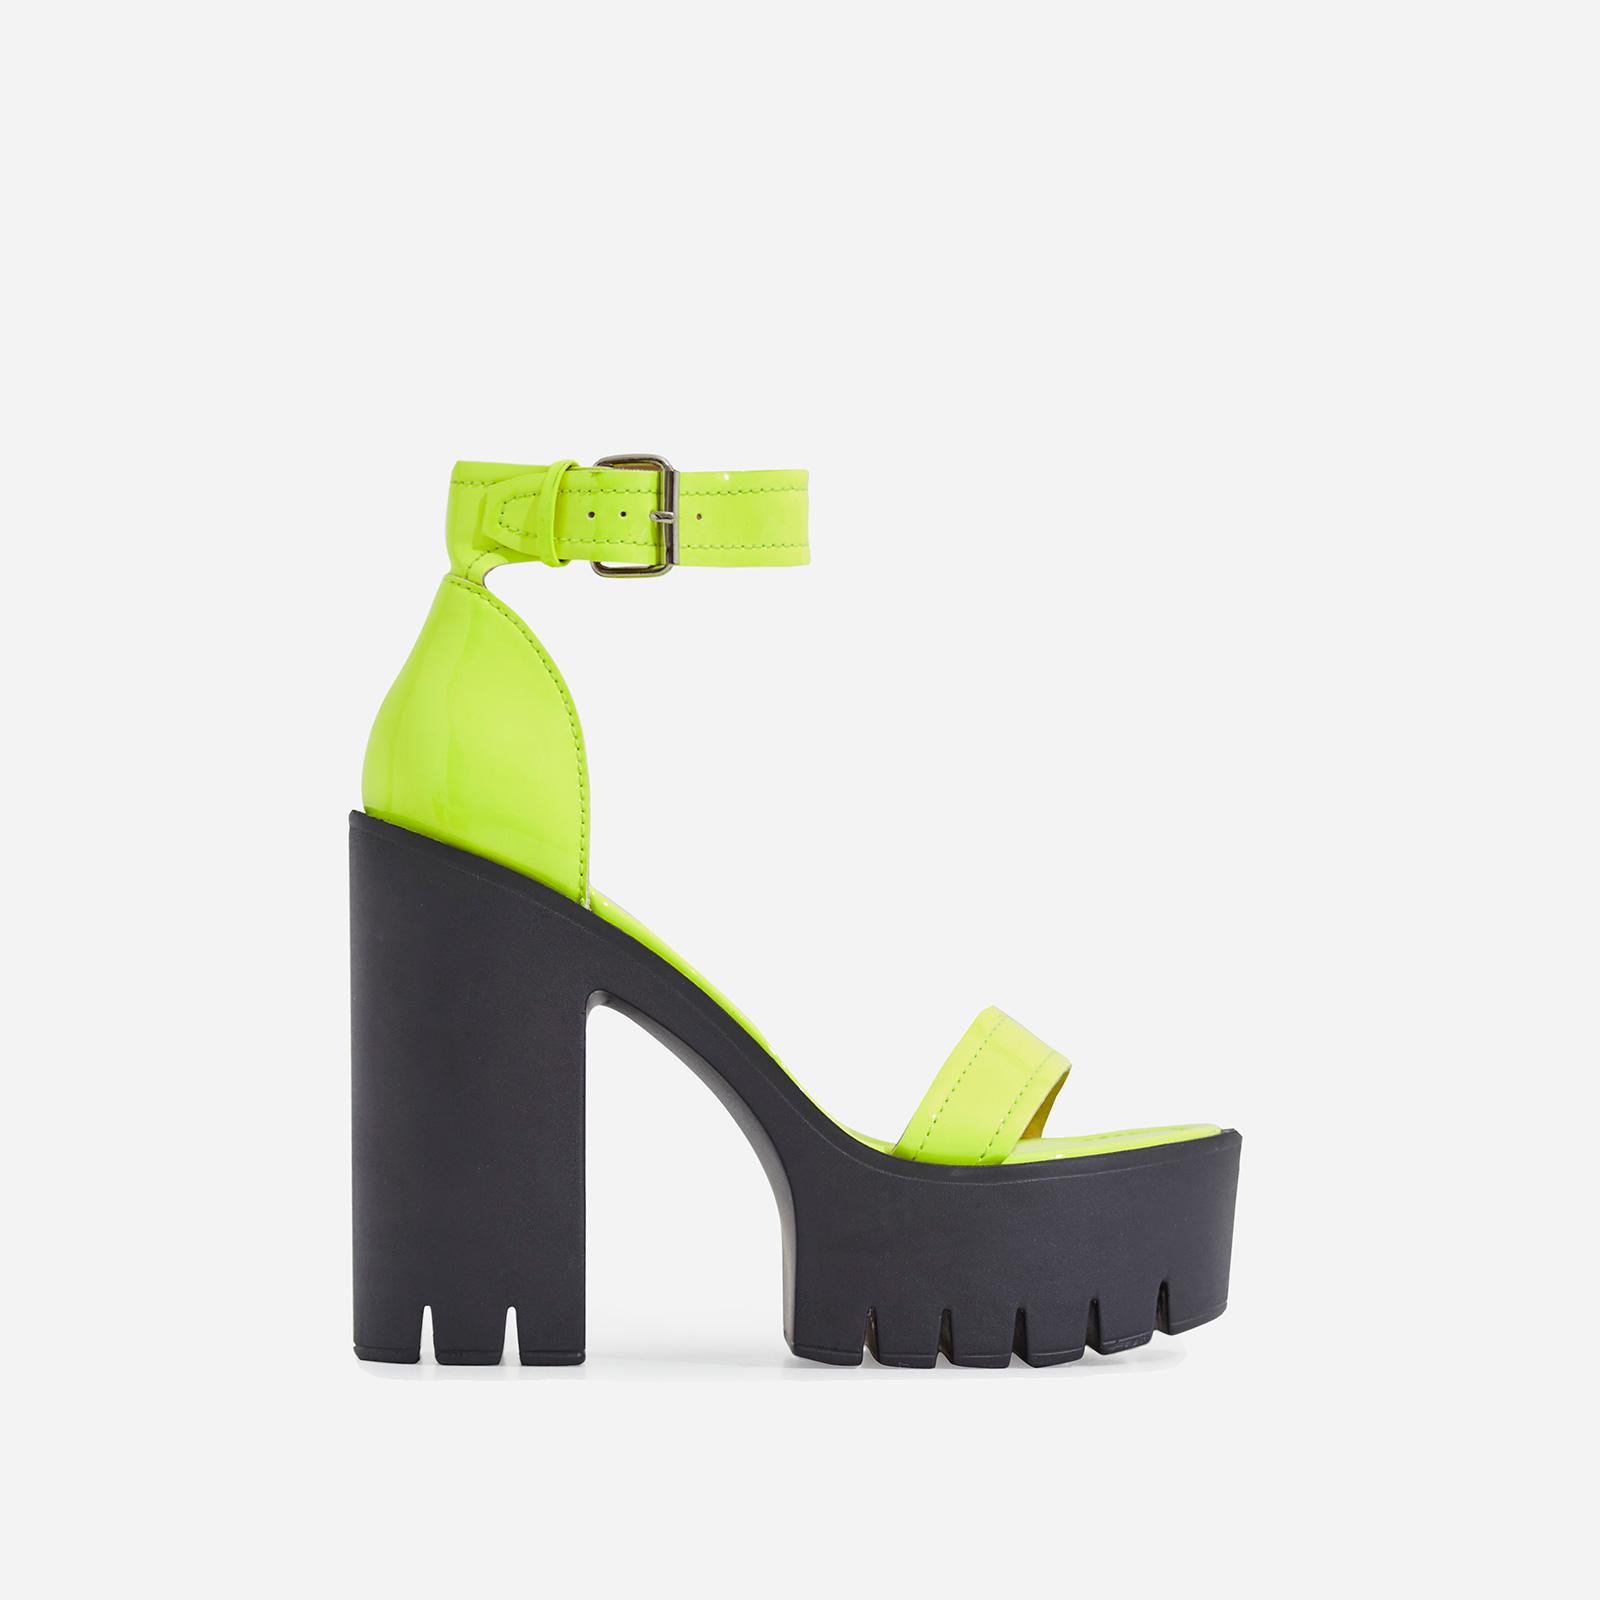 Stormi Platform Cleated Sole Block Heel In Neon Yellow Patent